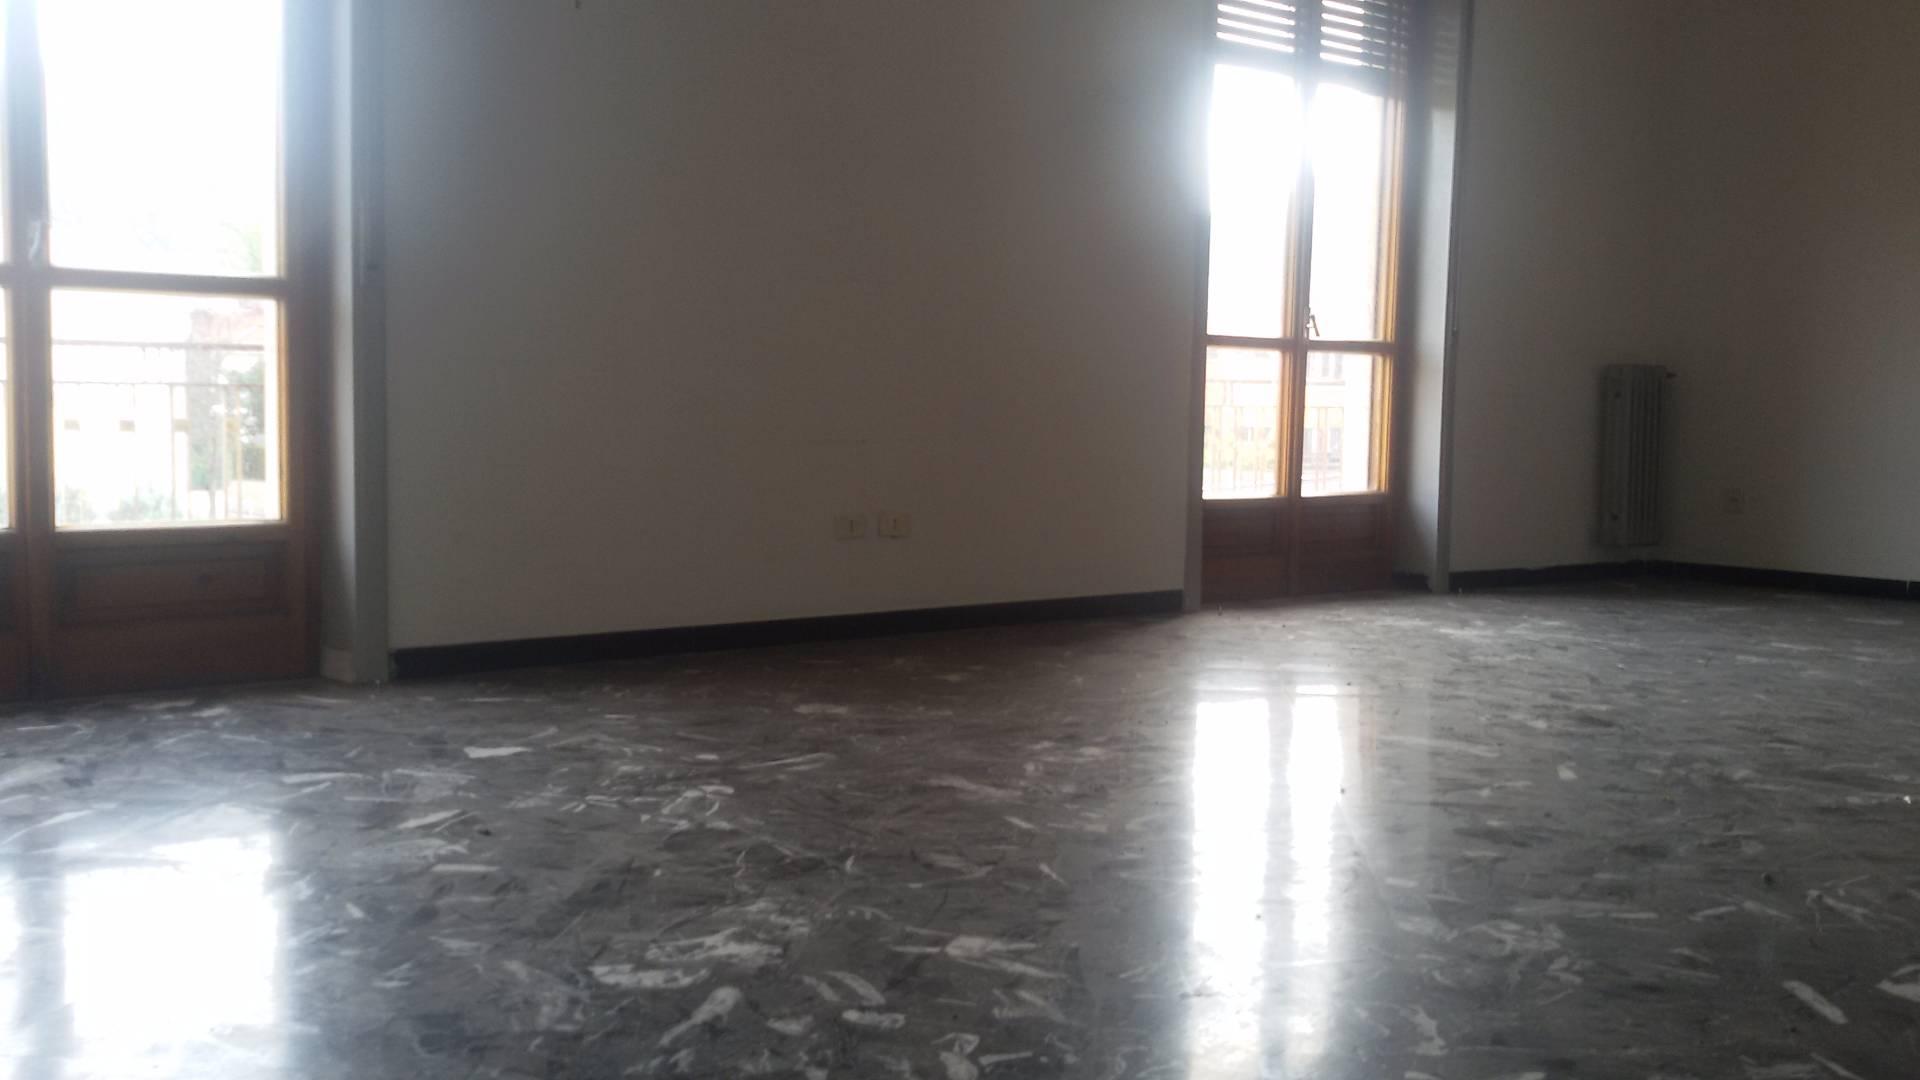 Appartamento in vendita a Baronissi, 6 locali, zona Località: centro, prezzo € 175.000   CambioCasa.it